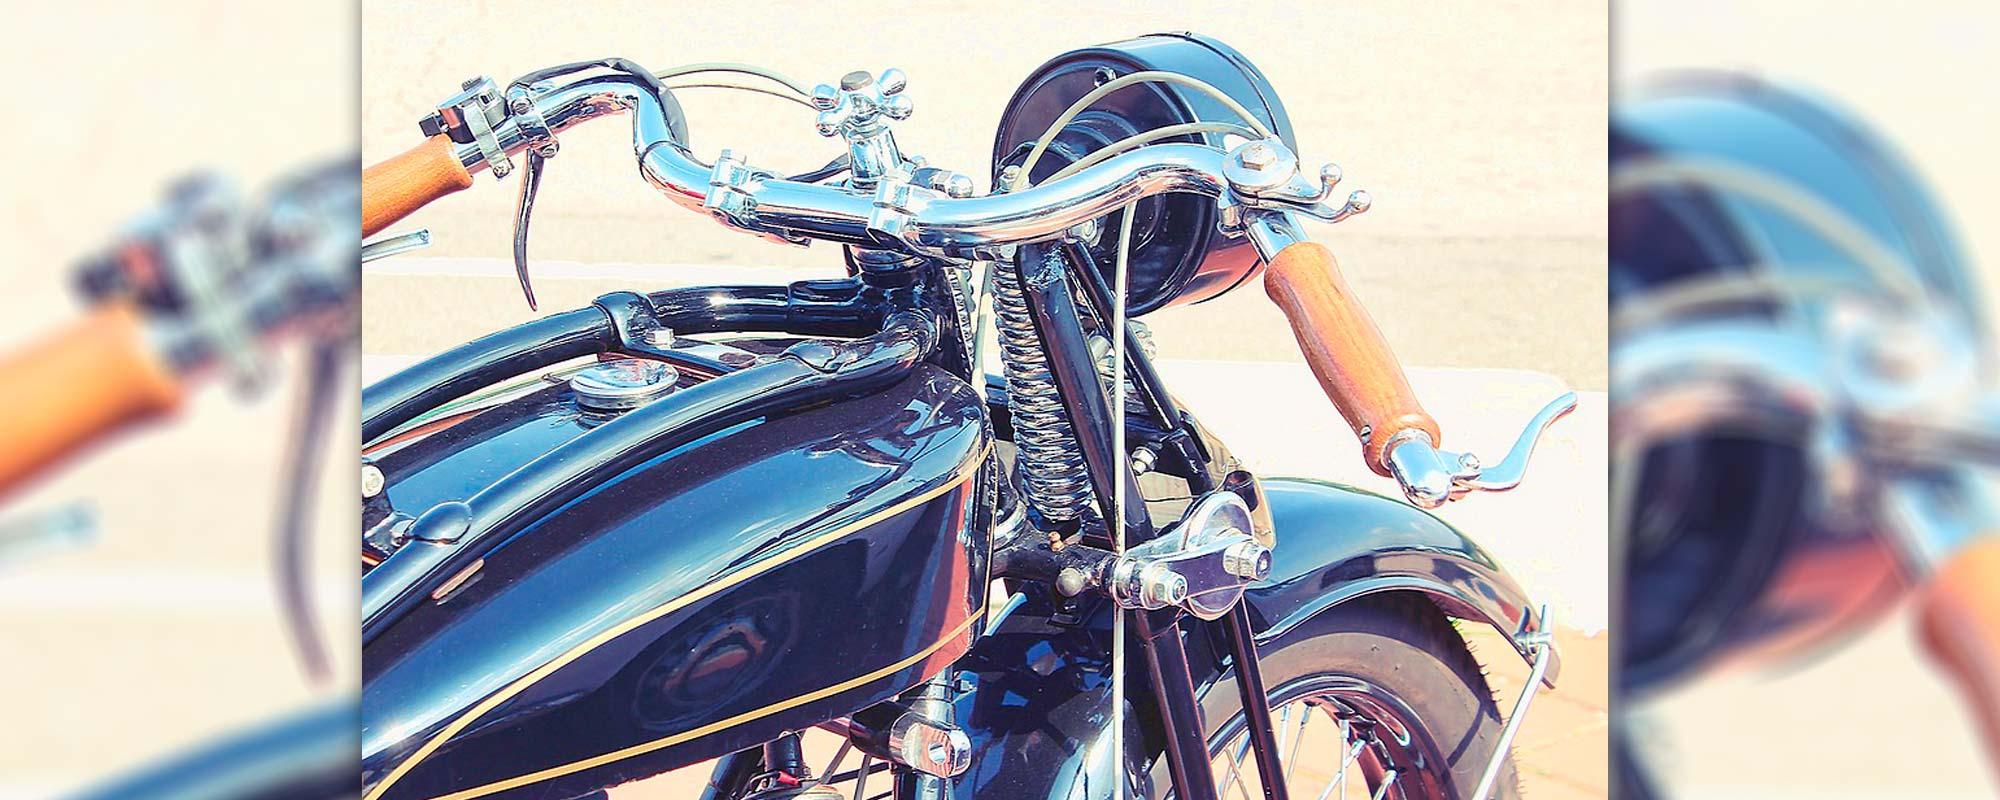 cabecera-moto-clasica